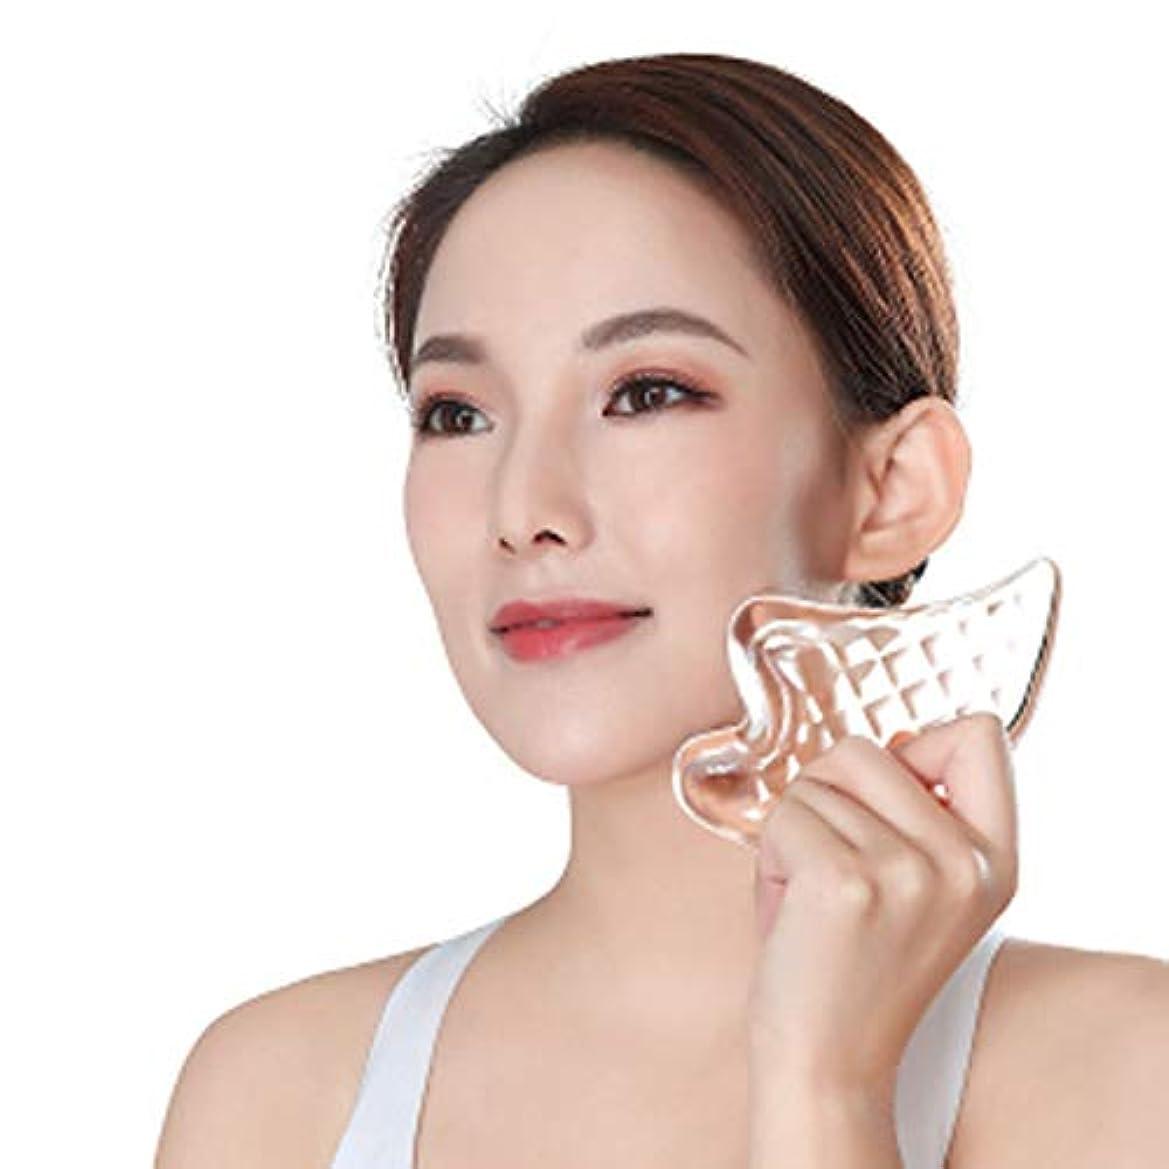 くしゃみ提唱する財団Cangad かっさプレート 美顔器 高品質 3Dクリスタル 小顔 美顔グッズ 羽根型 ボディ マッサージ かっさマッサージ 刮痧 ウィング型 健康グッズ